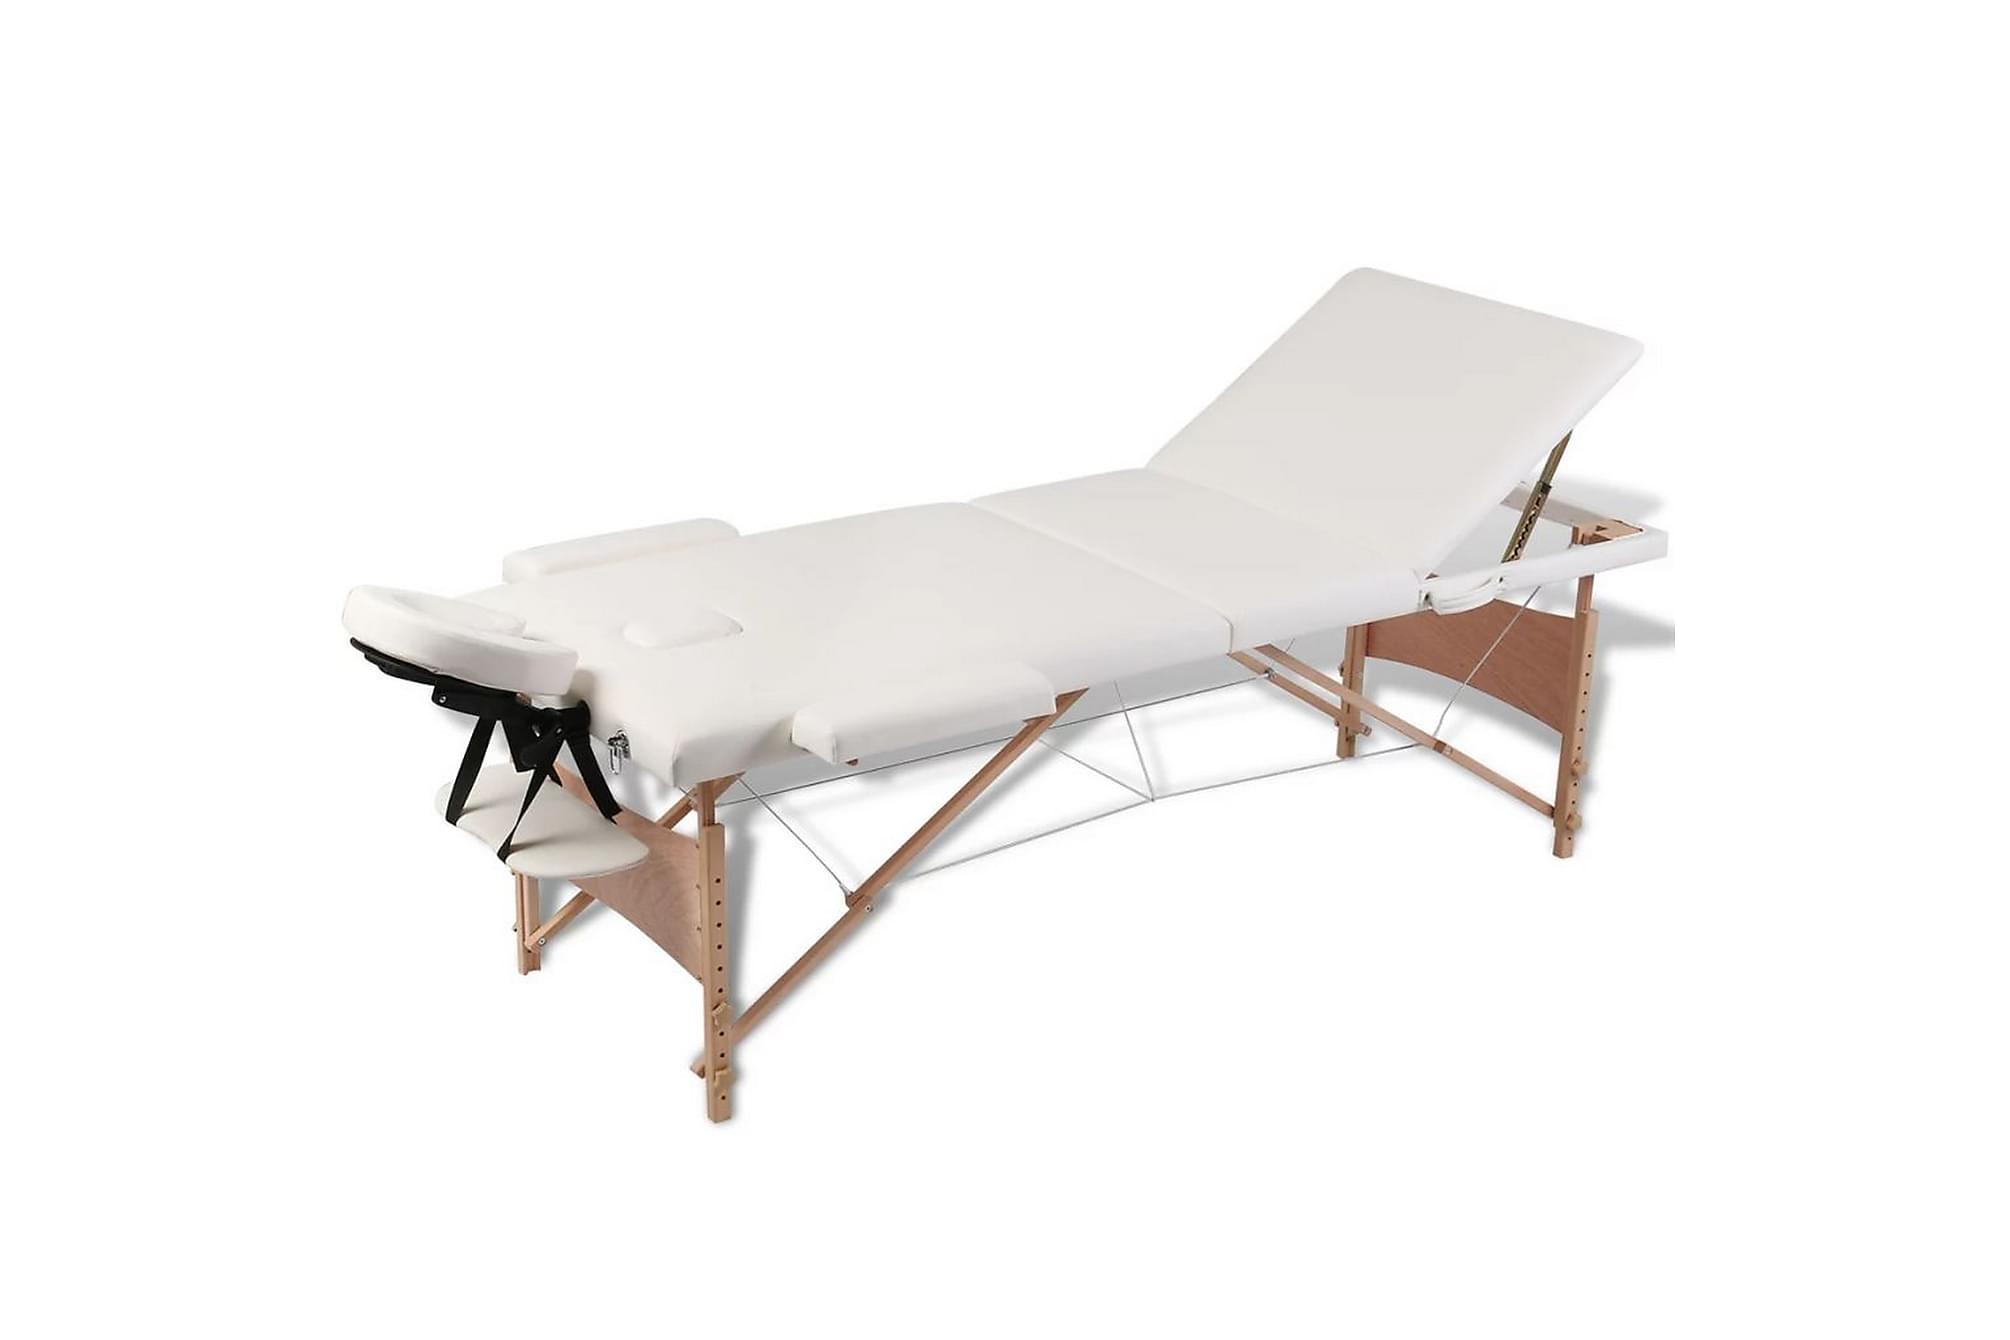 Hopfällbar massagebänk med 3 sektioner träram gräddvit